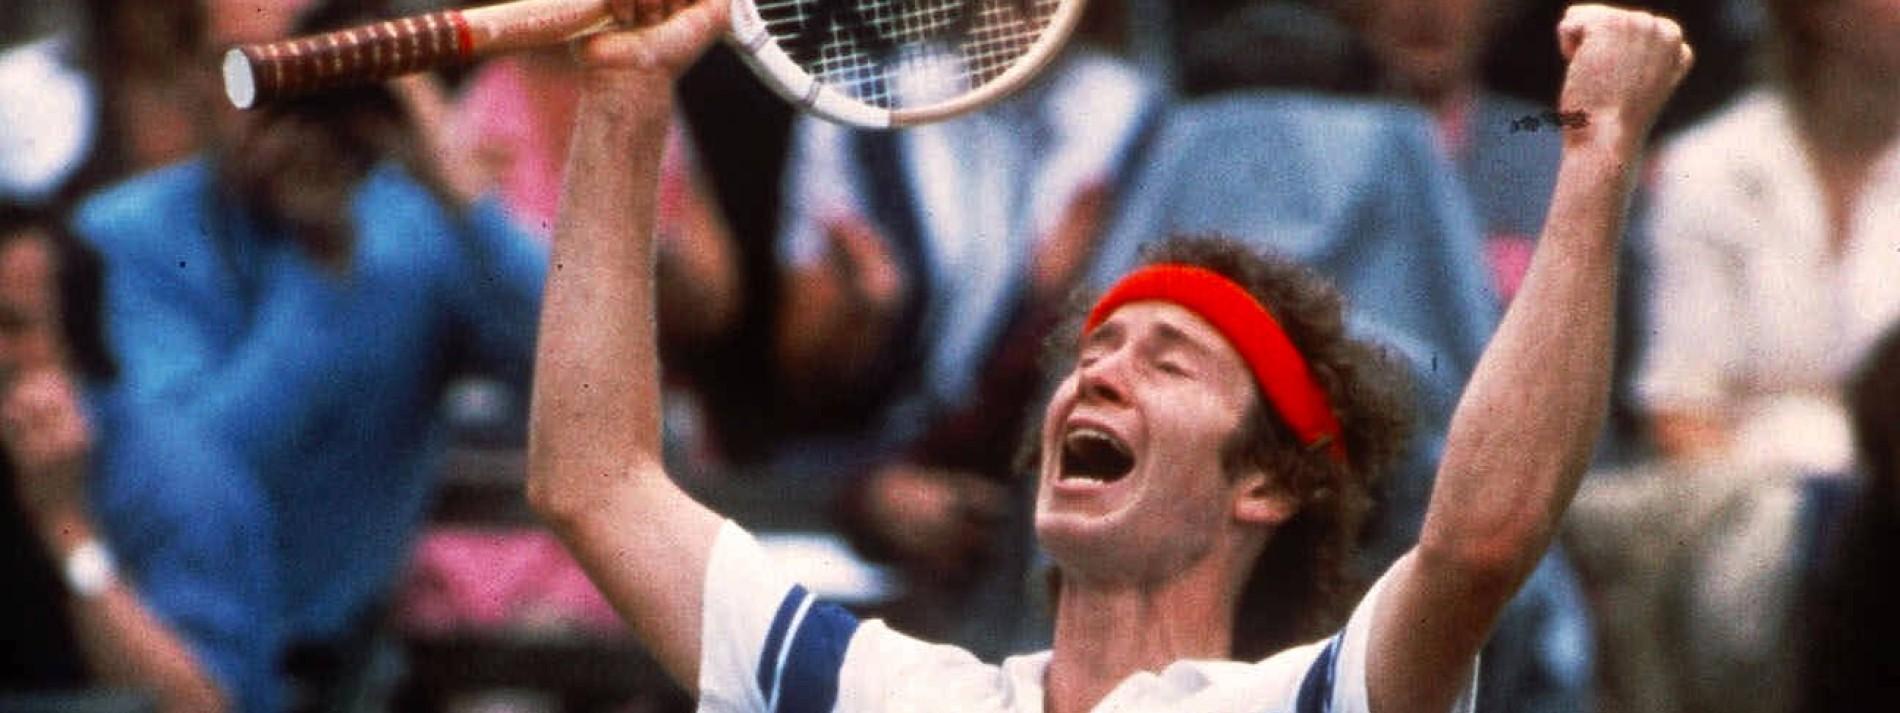 Endlich wieder Wimbledon